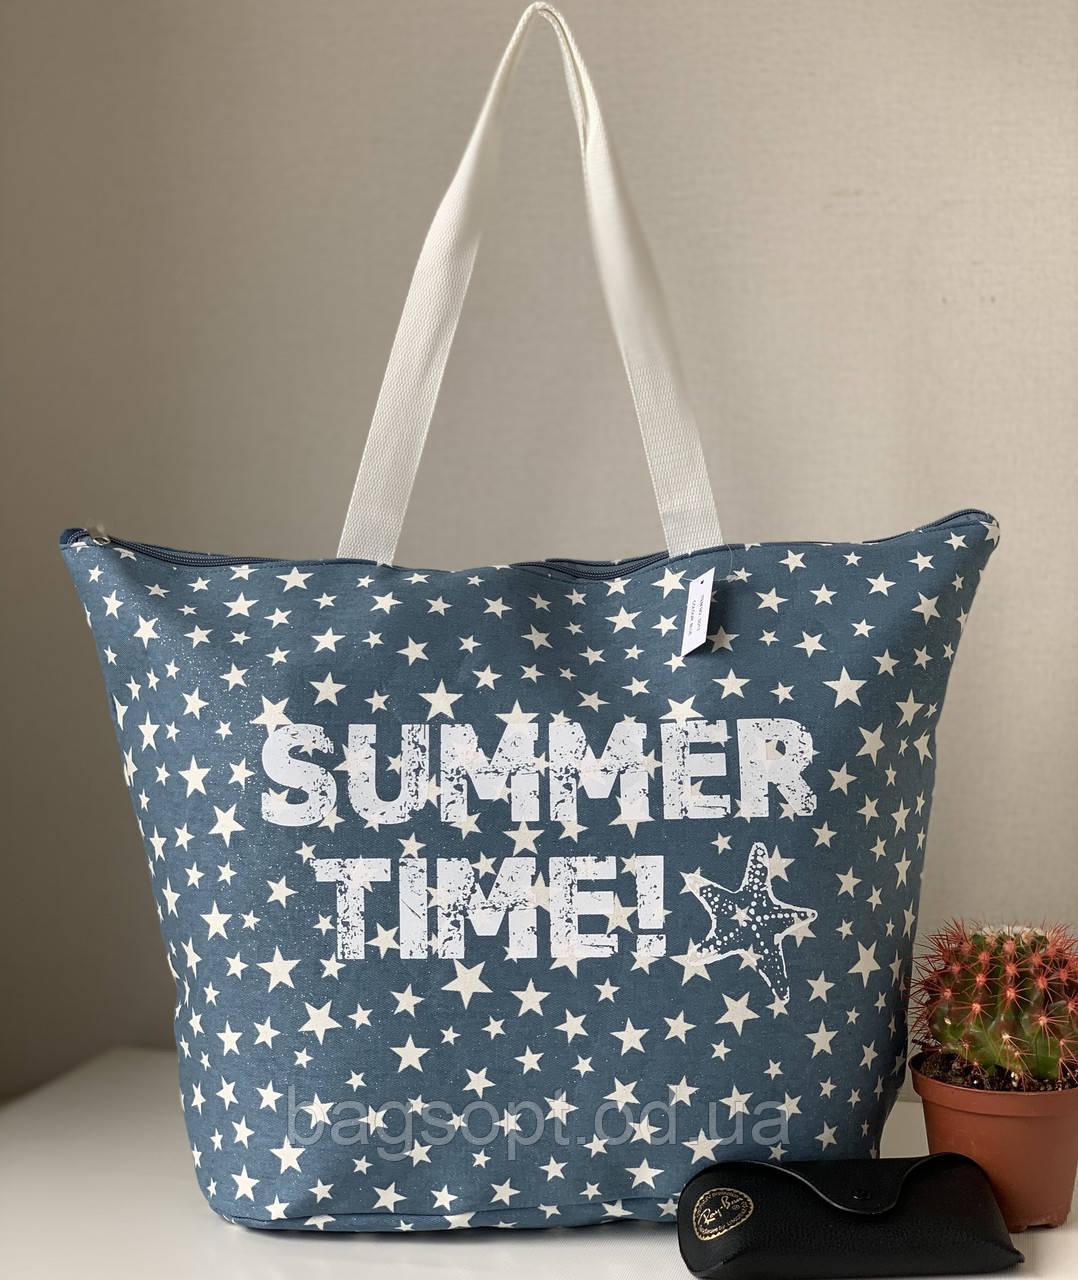 Молодежная летняя пляжная сумка голубая тканевая(коттоновая) со звездами